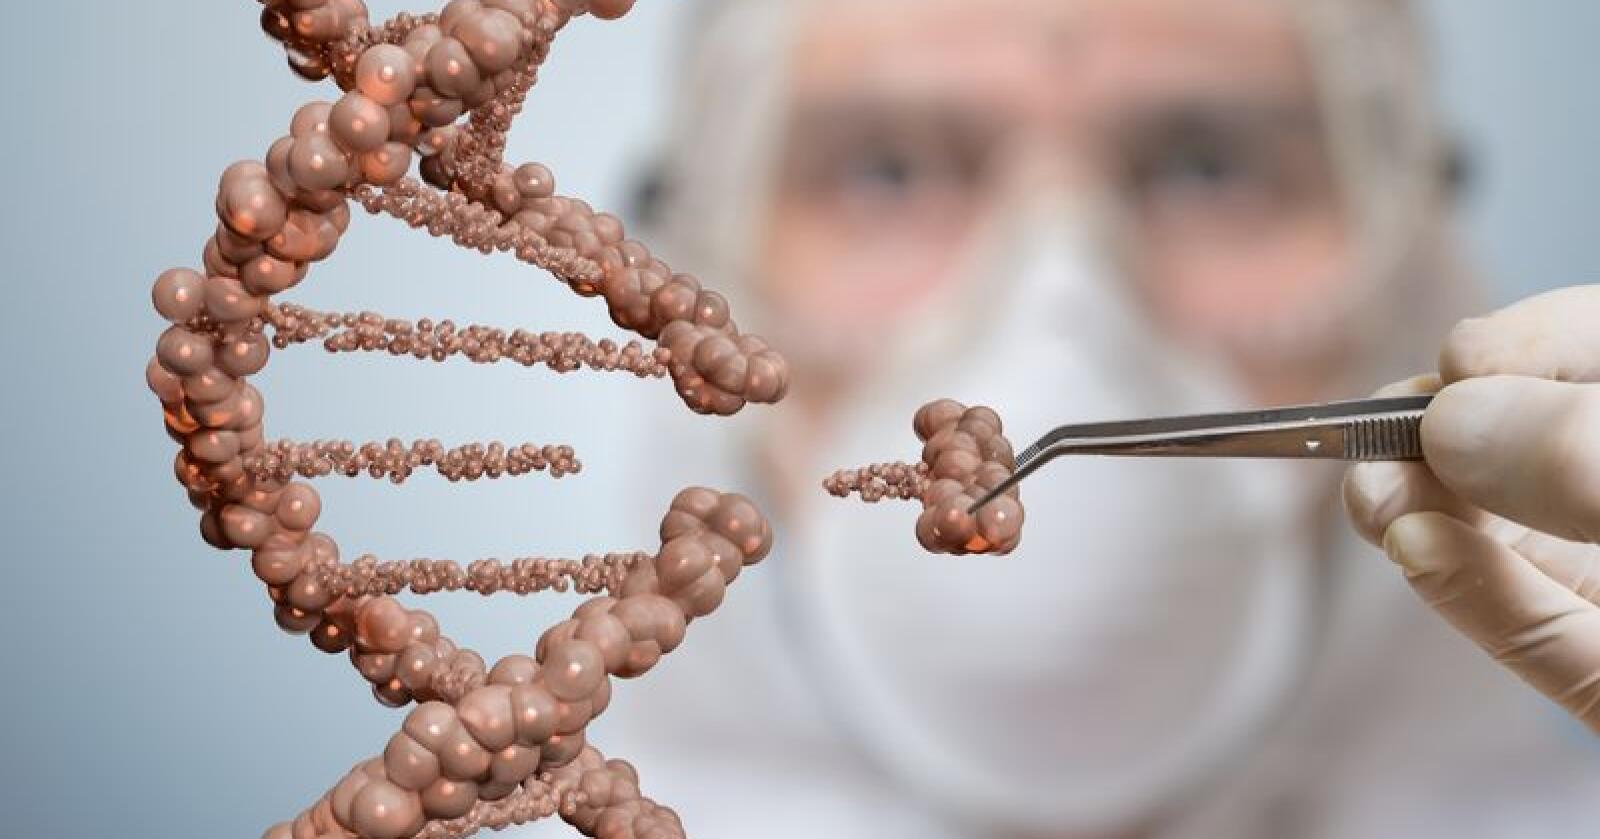 Selv om genredigering er mer presist enn eldre GMOer som er i bruk i dag betyr ikke det at det ikke finnes en stor og uavklart risiko for negative konsekvenser, mener artikkelforfatterne Børre Solberg og Markus Brun Hustad i Økologisk Norge. Foto: Shutterstock